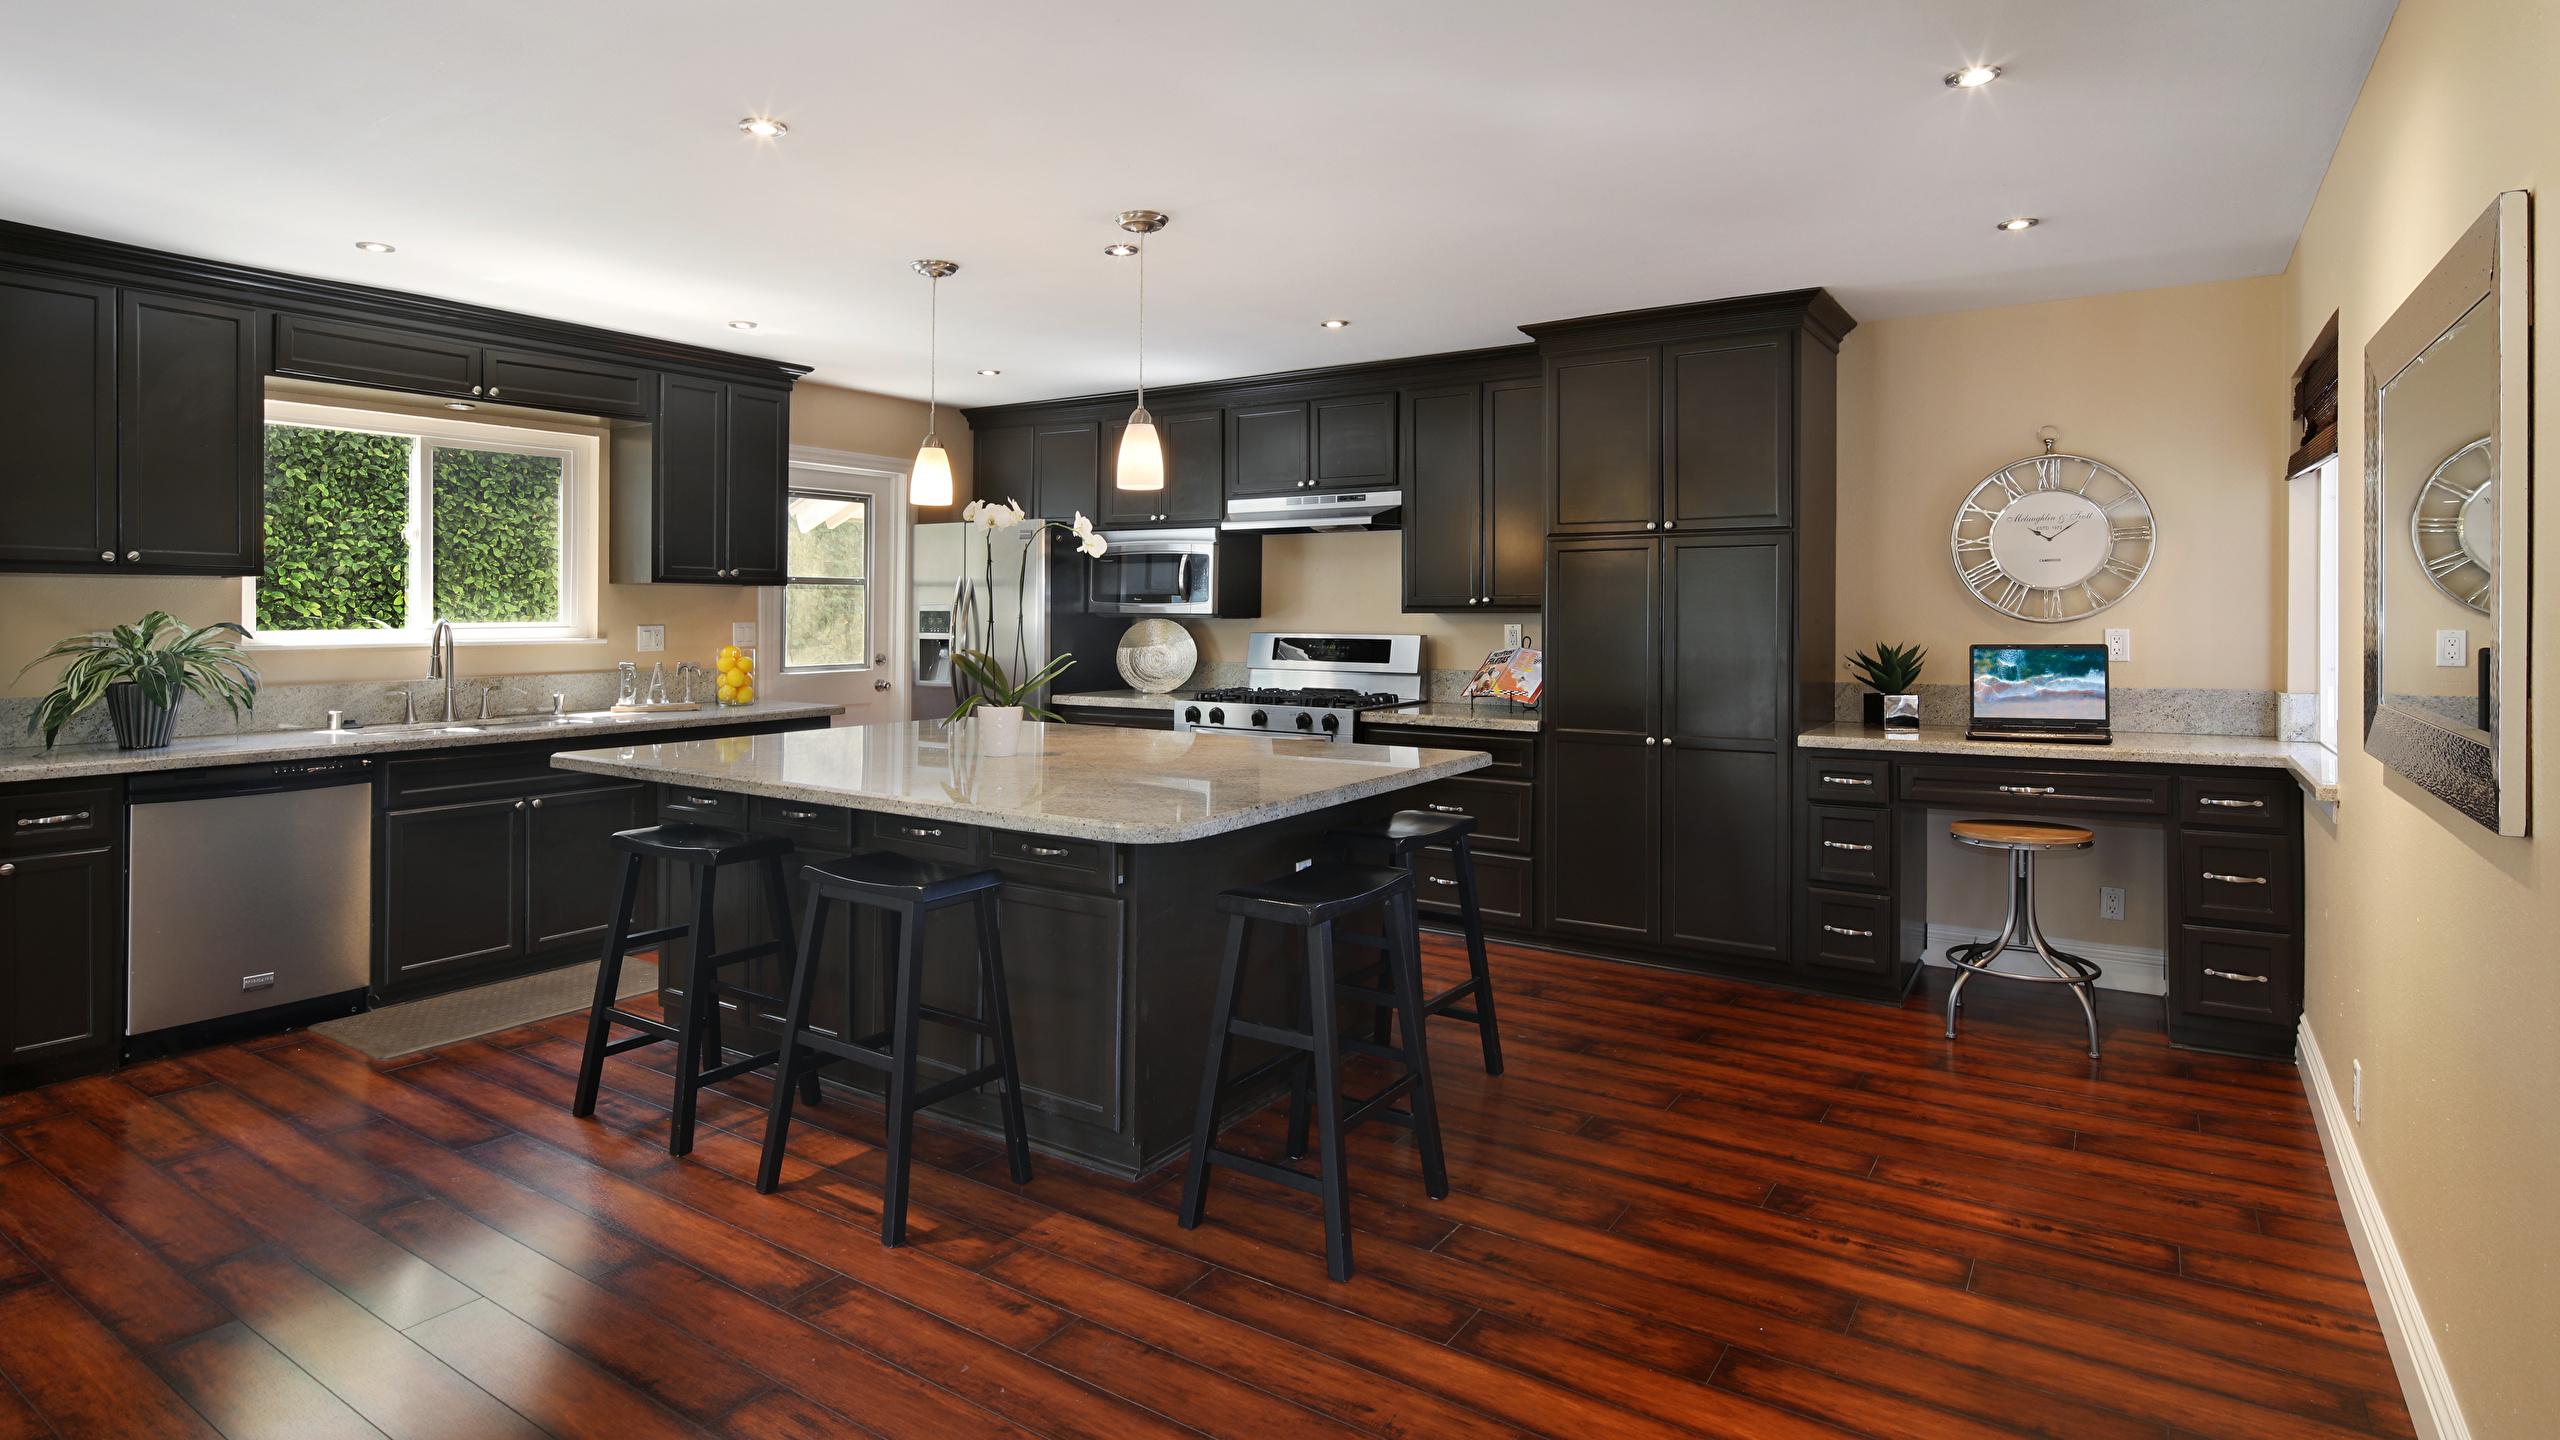 Картинки Кухня Интерьер стола Стулья Дизайн 2560x1440 кухни Стол стул столы дизайна